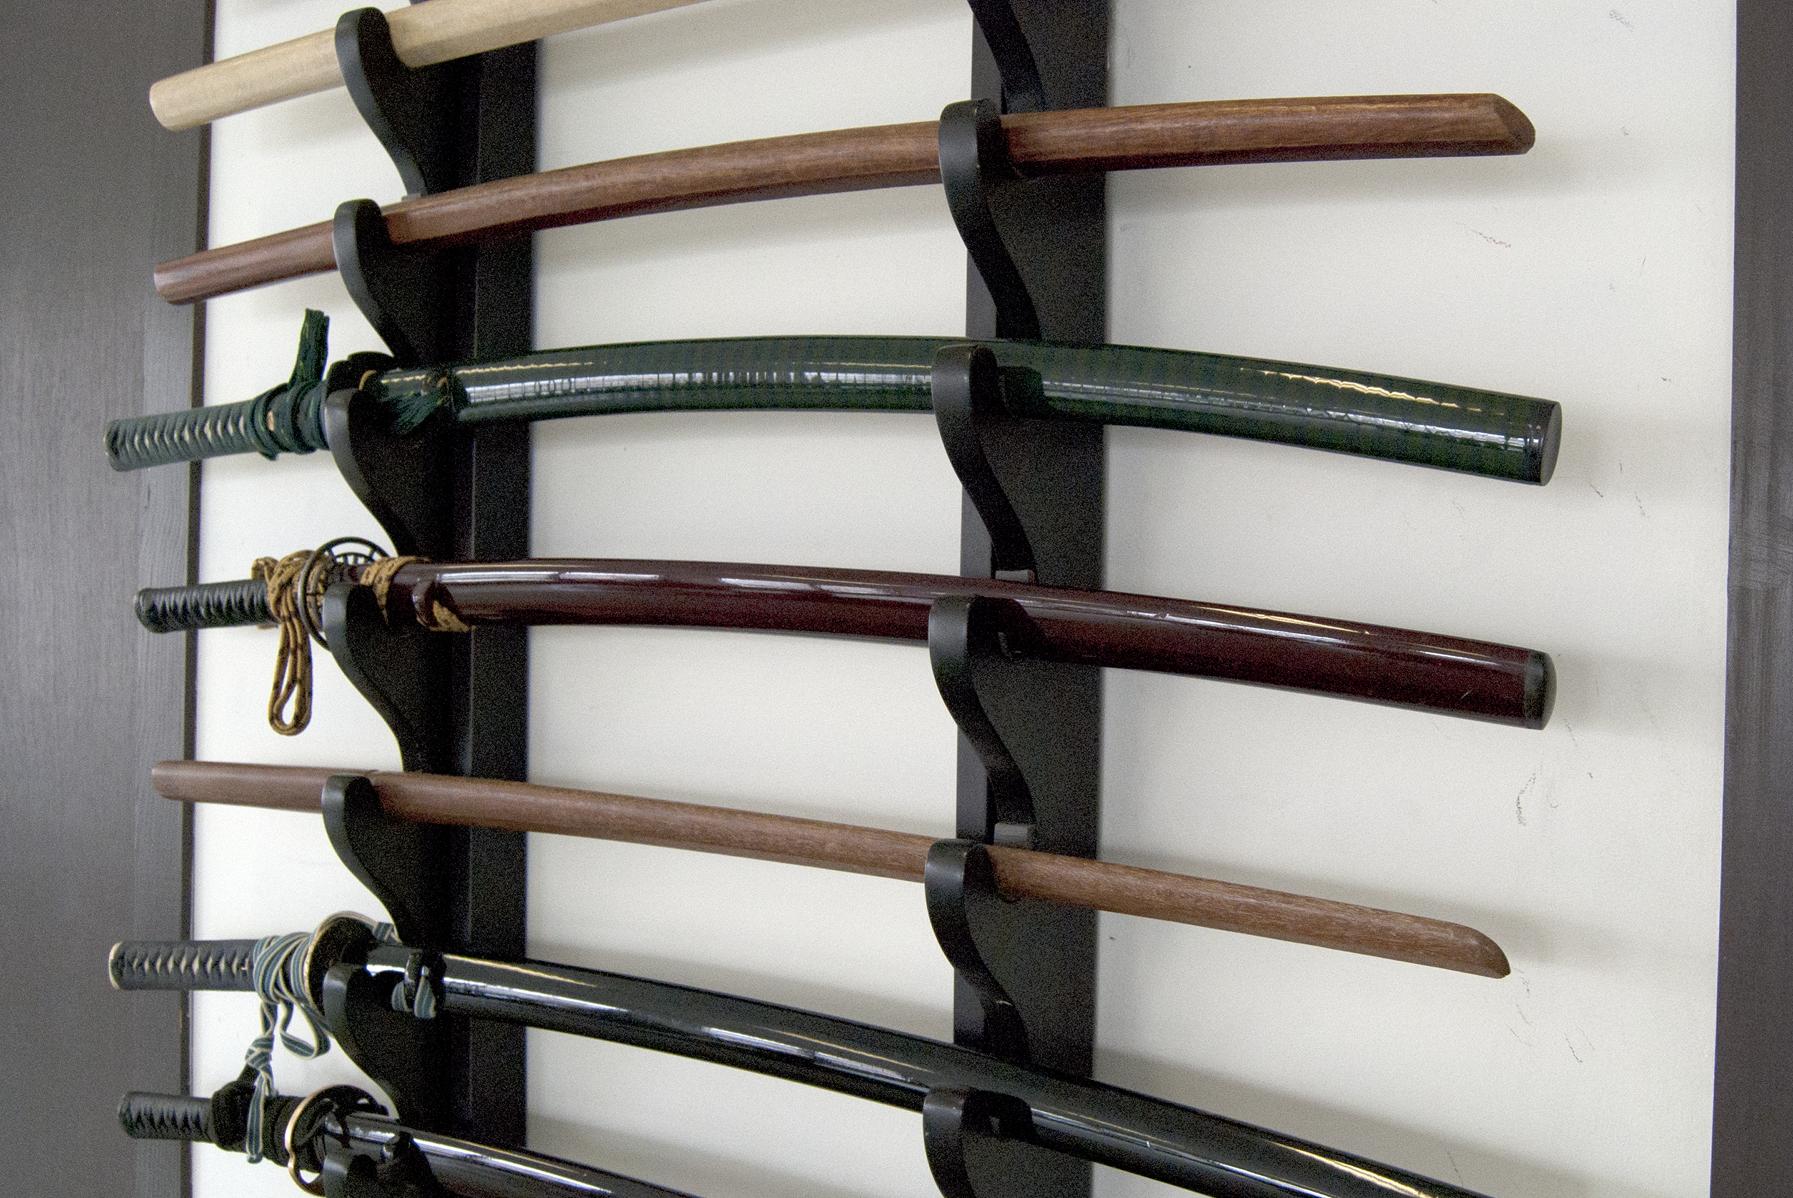 swords2.png